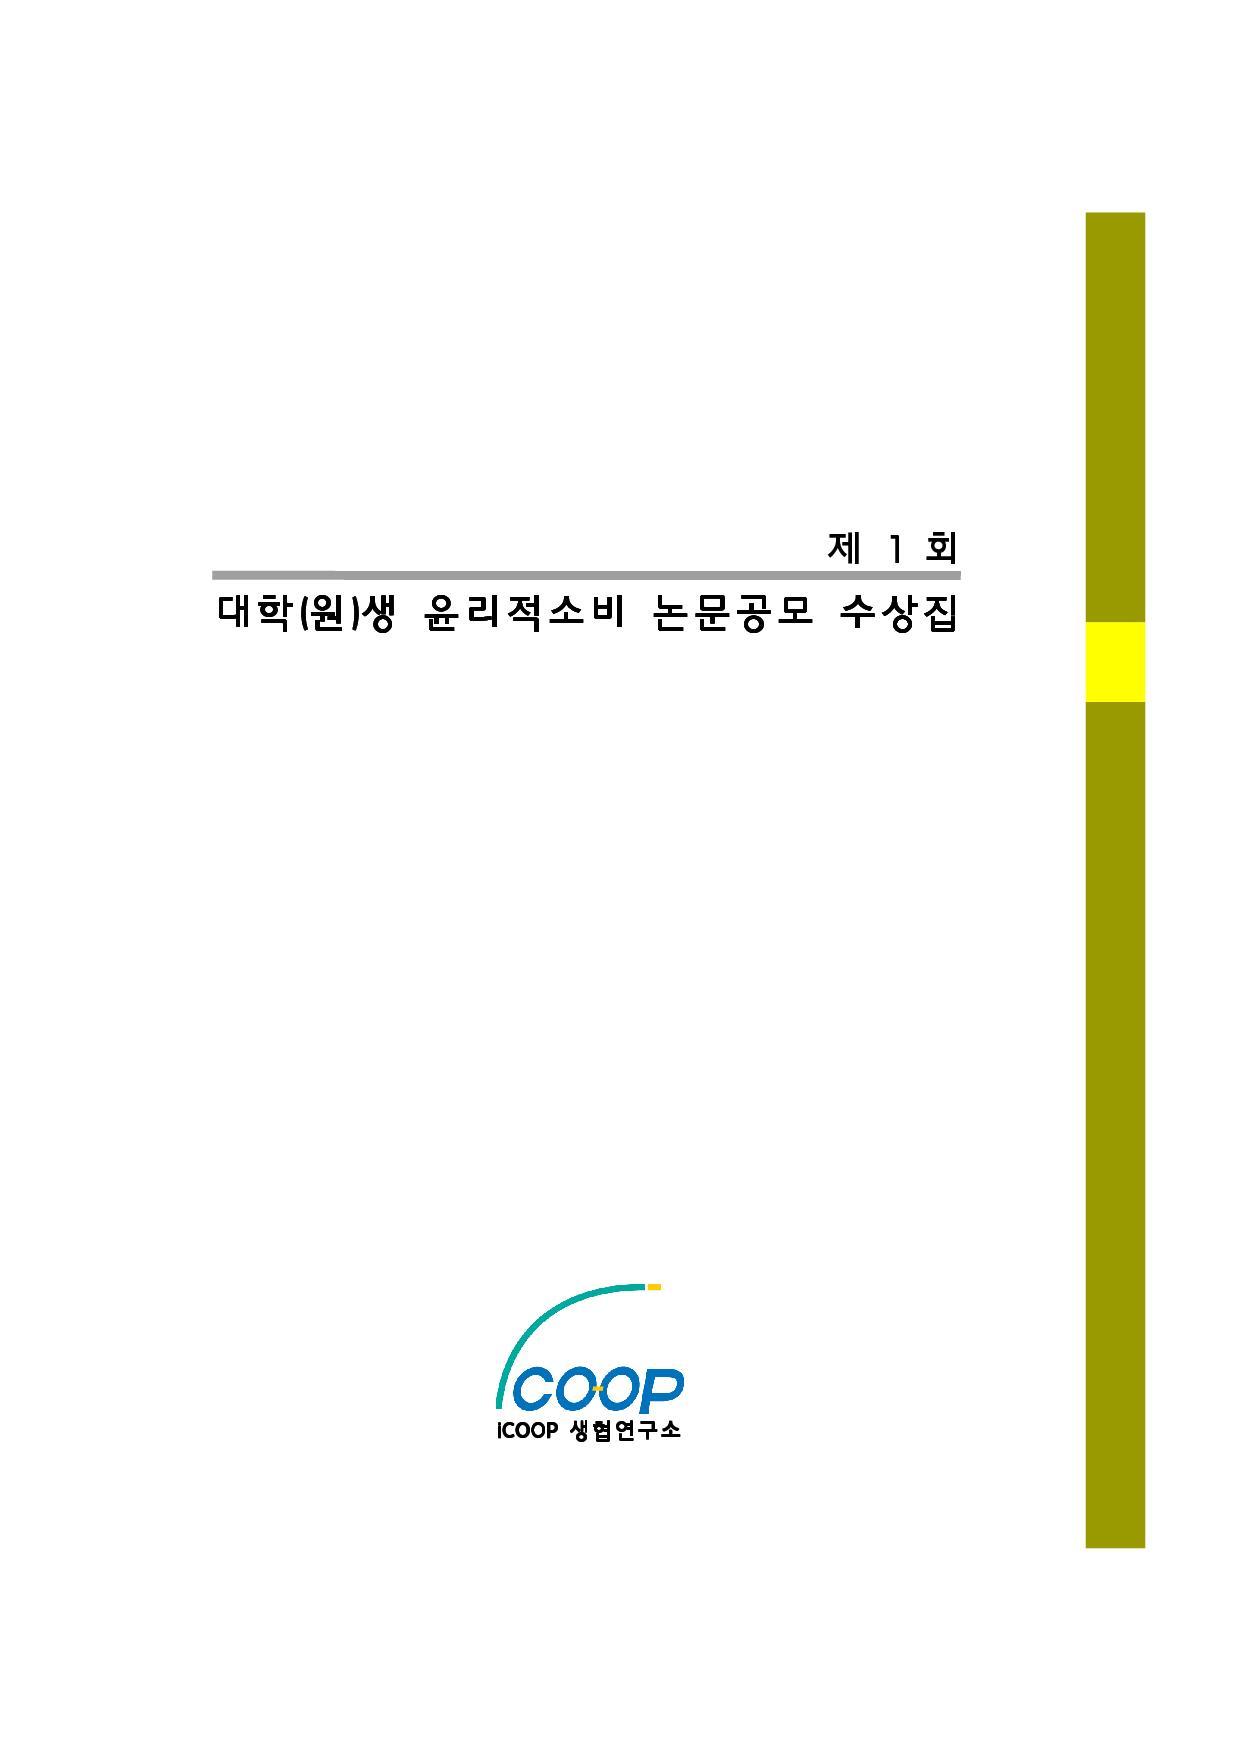 47_『2010 윤리적 소비 공모전 논문부문 수상작 논문집』.jpg